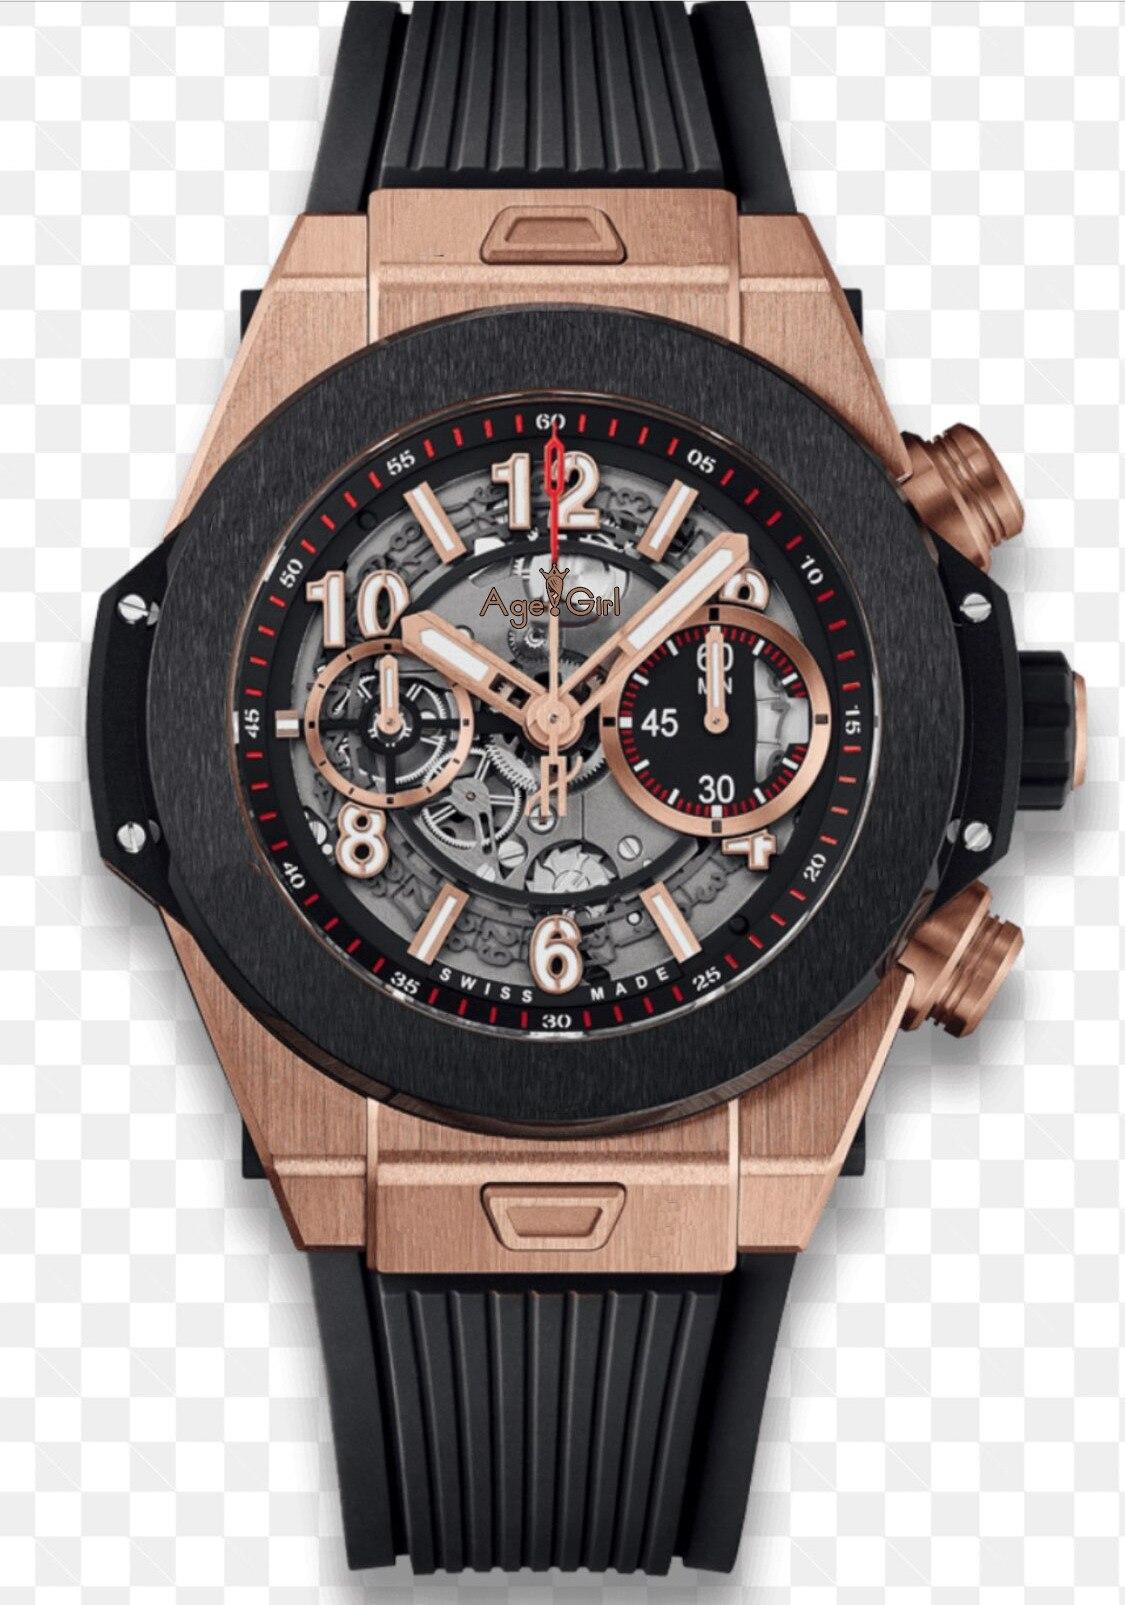 Marque de luxe nouveaux hommes chronographe Rose or argent noir en plastique en acier inoxydable saphir verre montres lumineuses chronomètre Sport